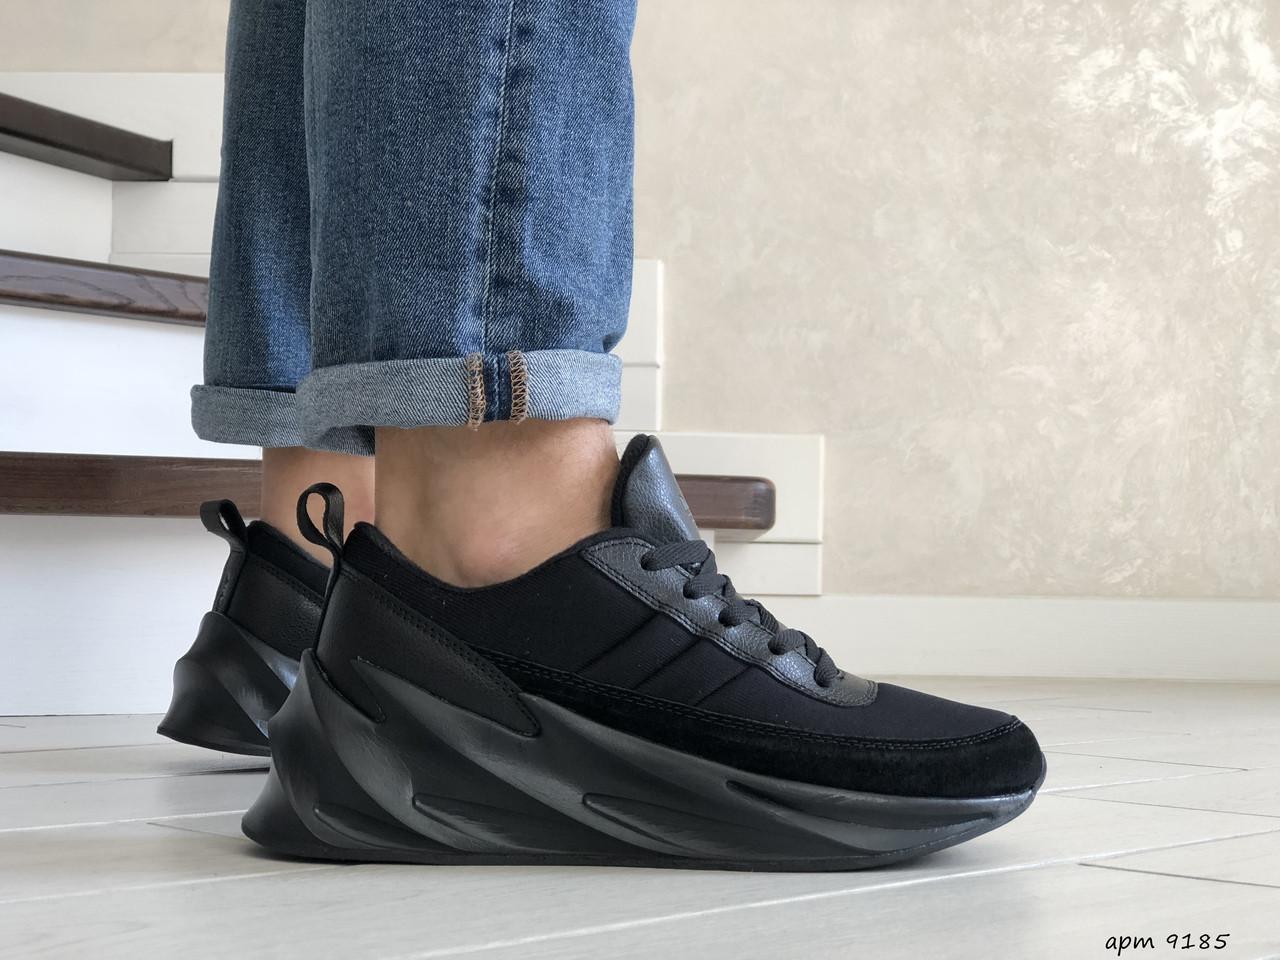 Мужские кроссовки Adidas Sharks (черные) 9185